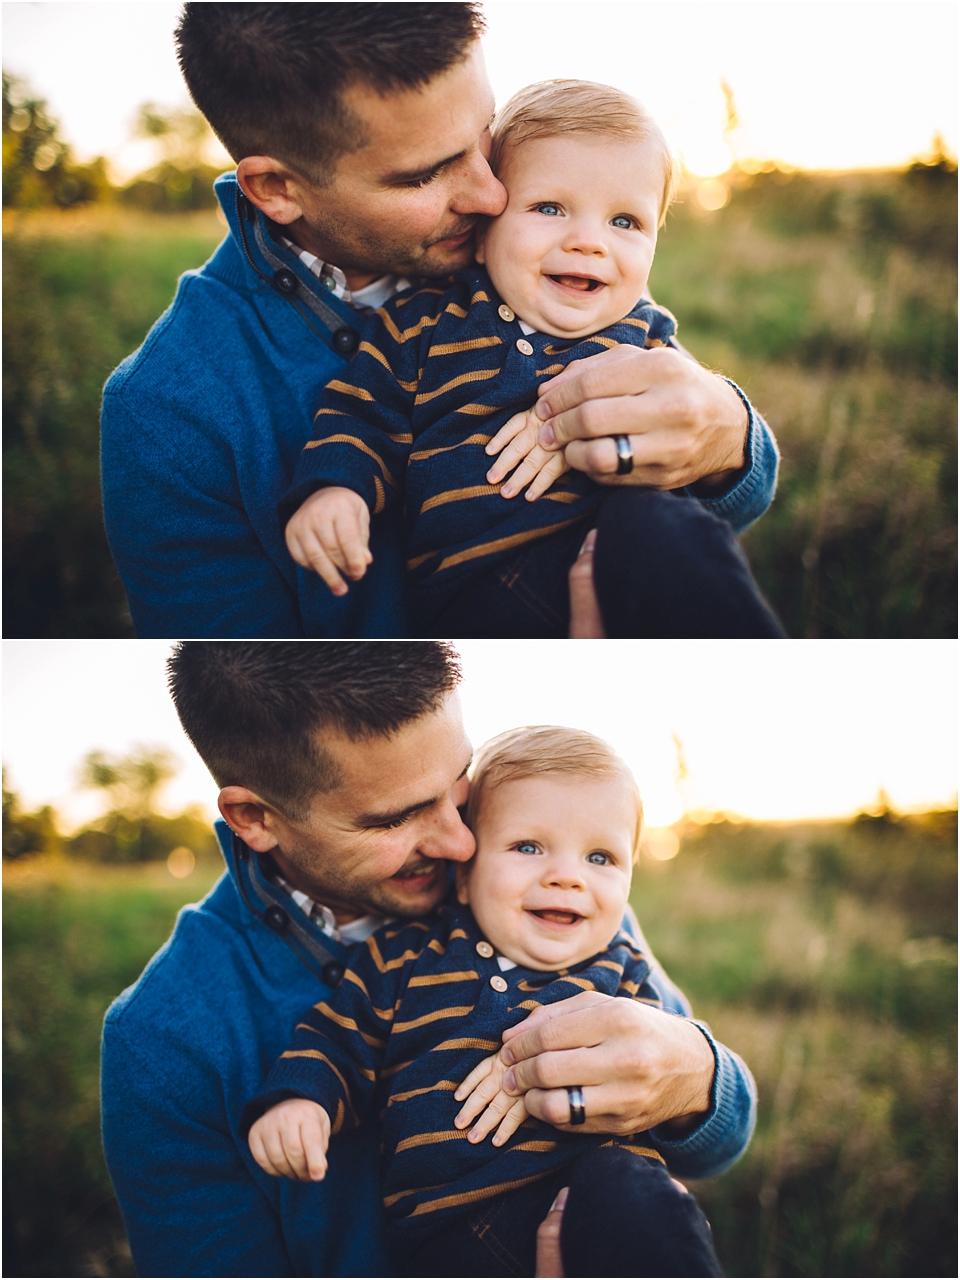 kansascitybestfamilyphotographer_0010